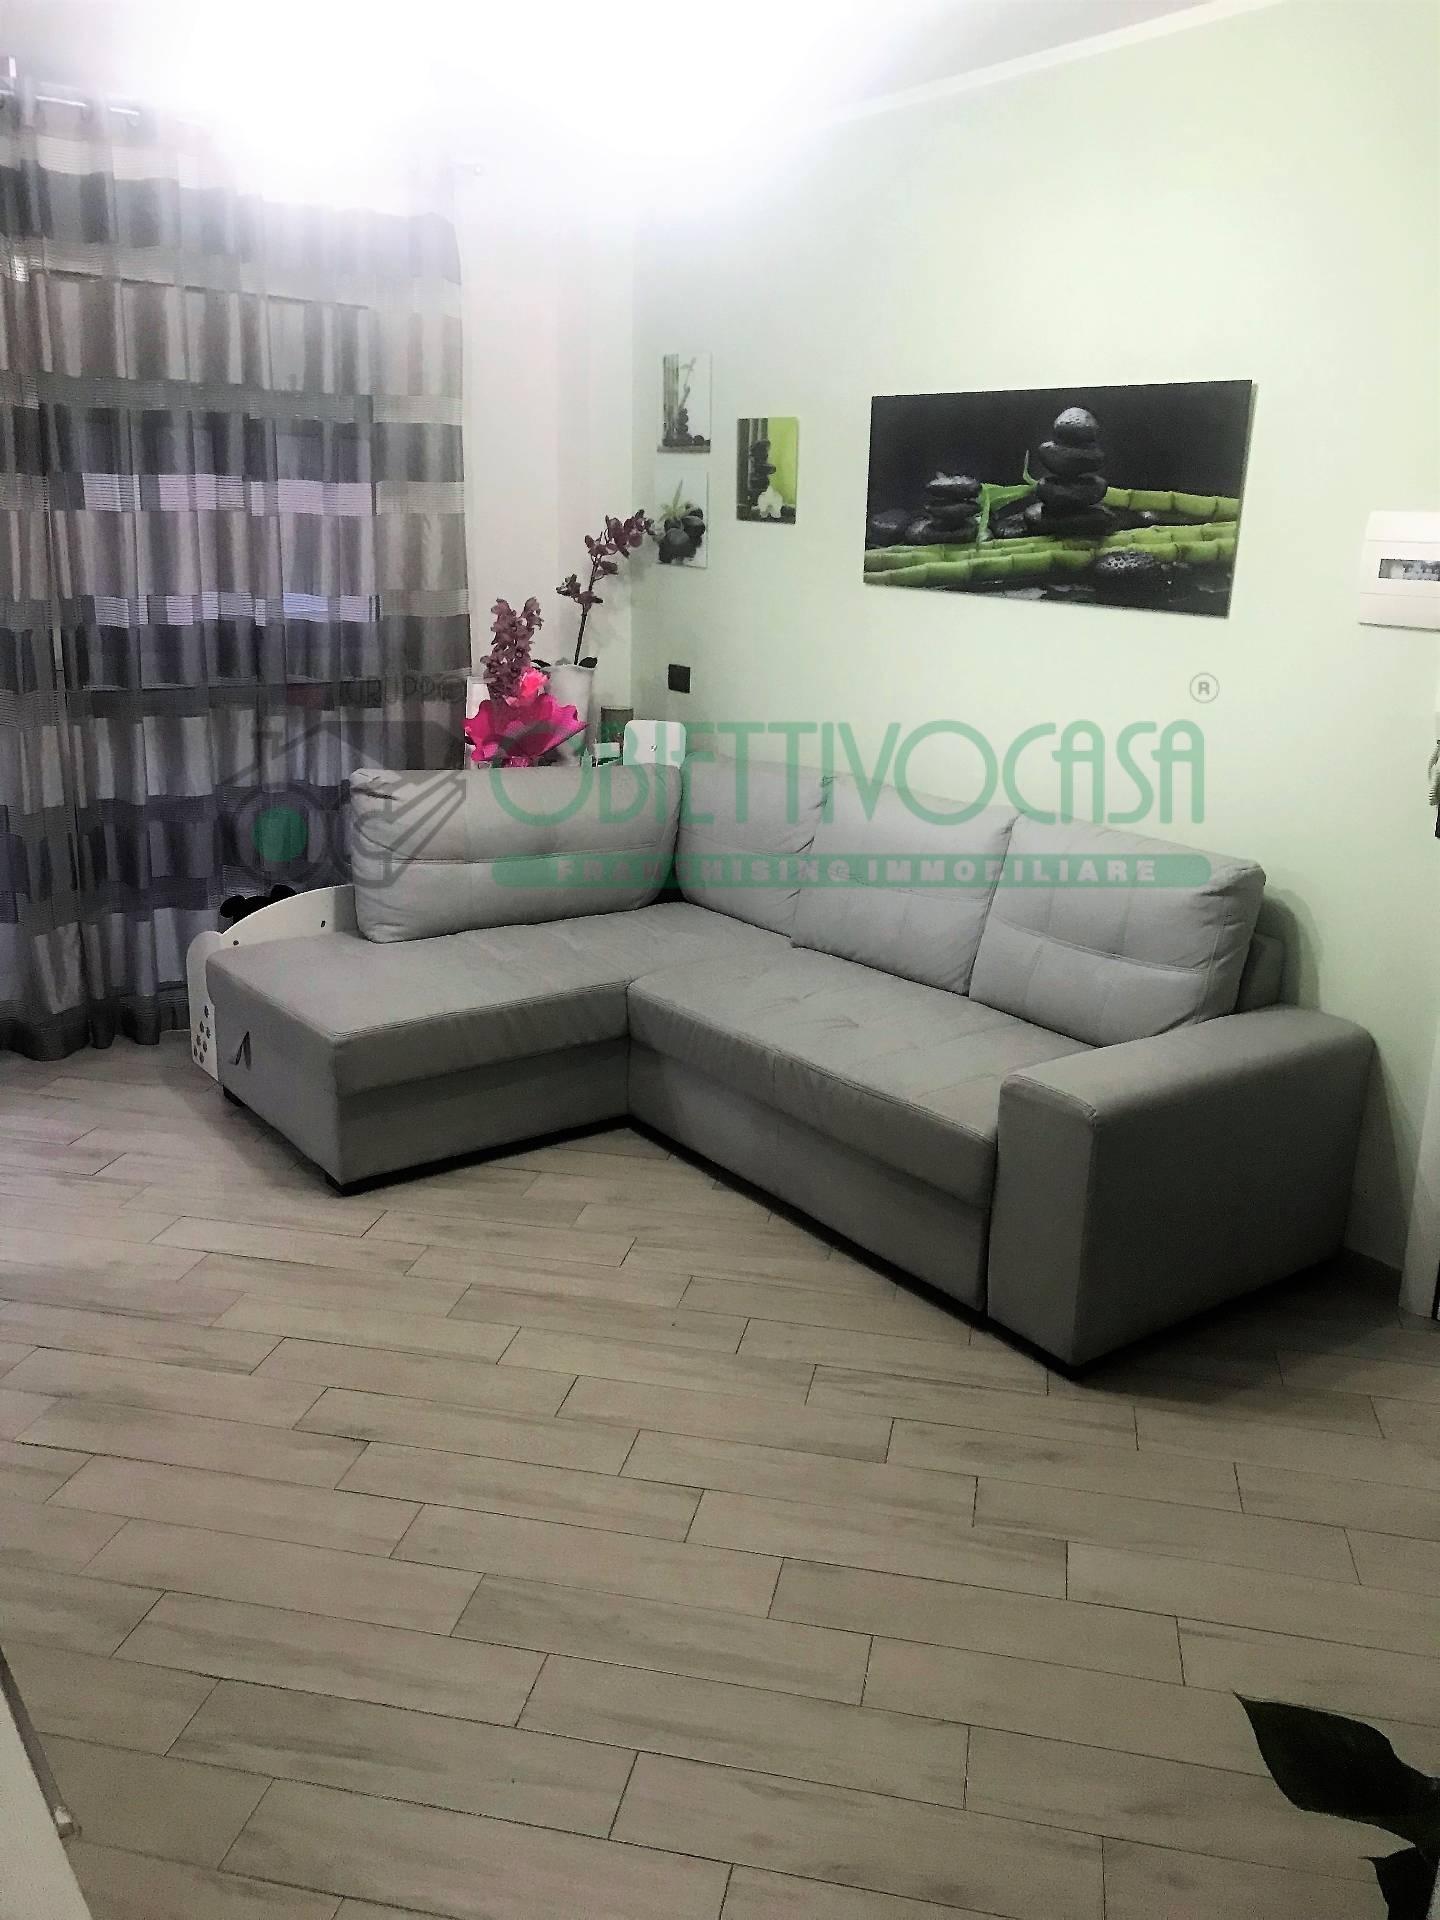 Buccinasco | Appartamento in Vendita in Via tiziano | lacasadimilano.it